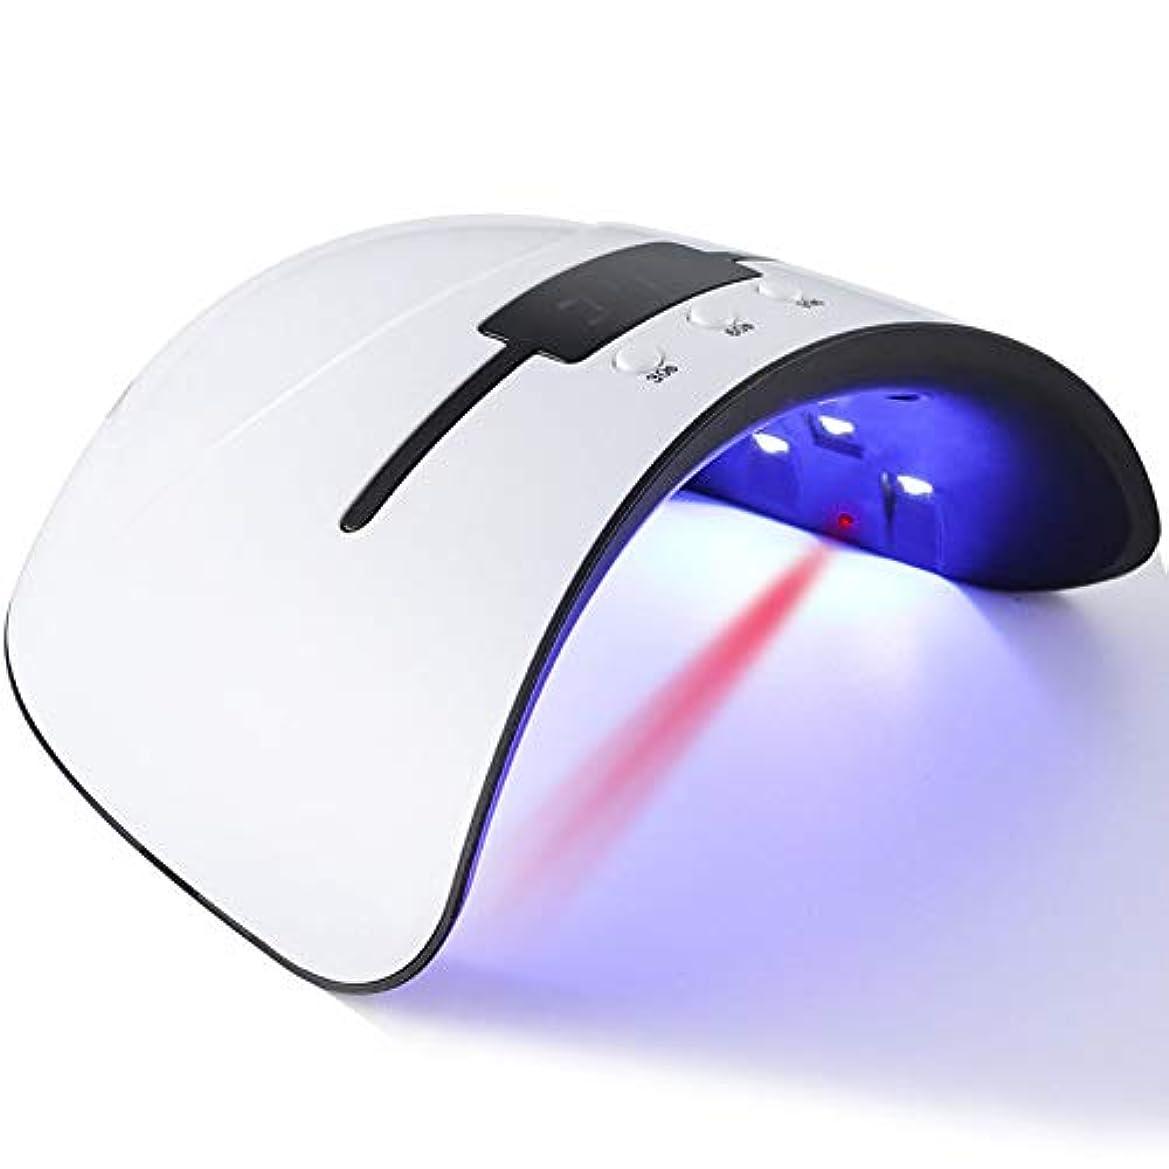 雇用者トンネルレパートリー硬化ライト ネイルlight ジェルネイル LED ネイルドライヤー 日本語説明書付属 36W 無痛硬化 赤外線検知